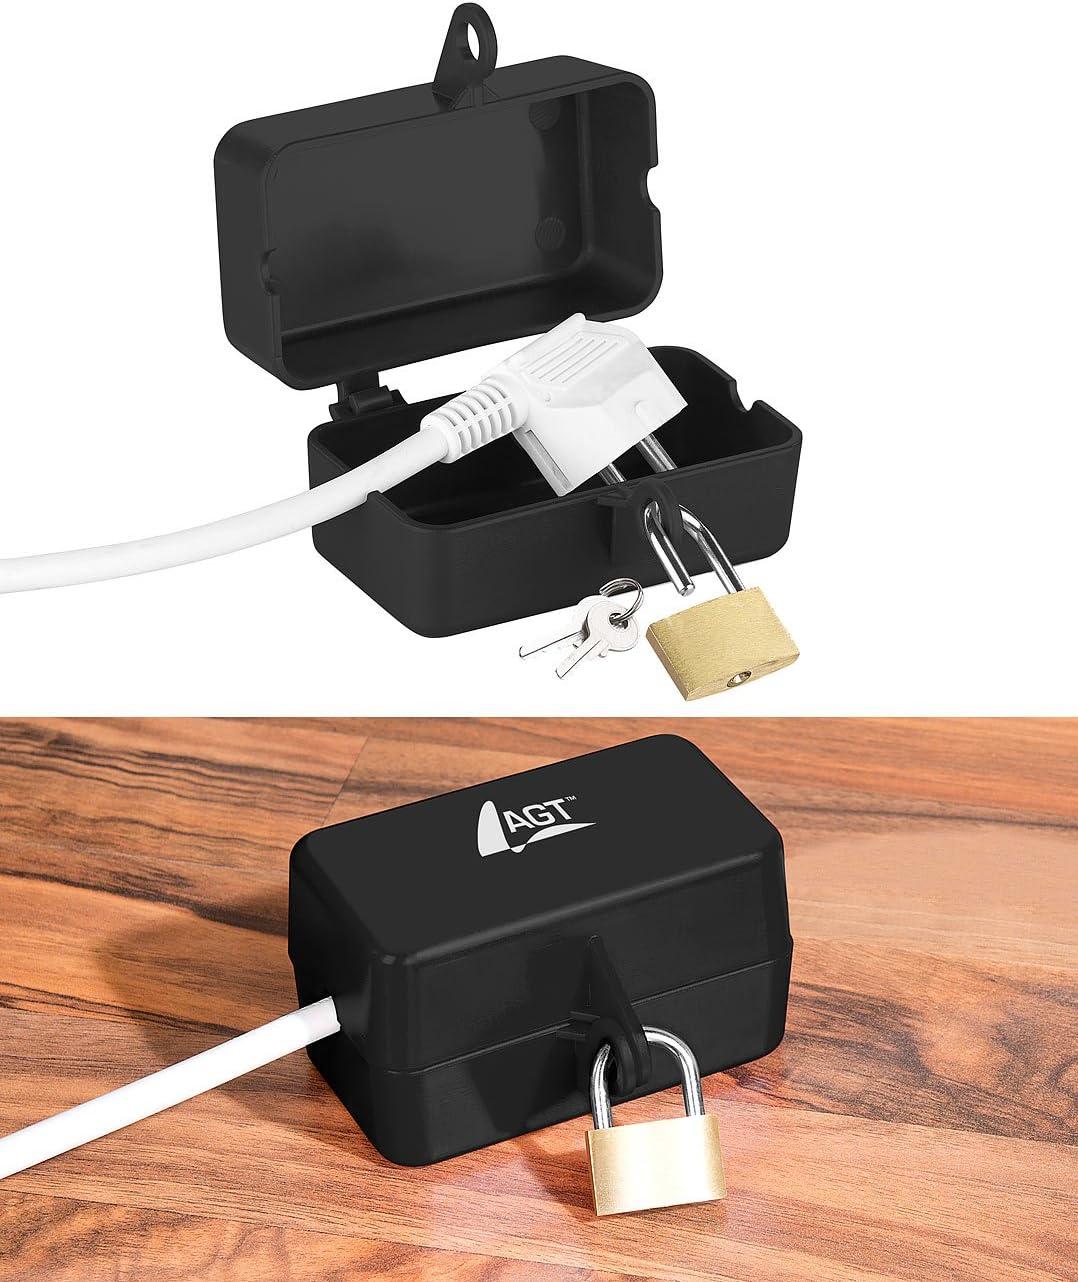 AGT – Candado de enchufe: caja de protección con candado, 2 llaves (caja de enchufe)